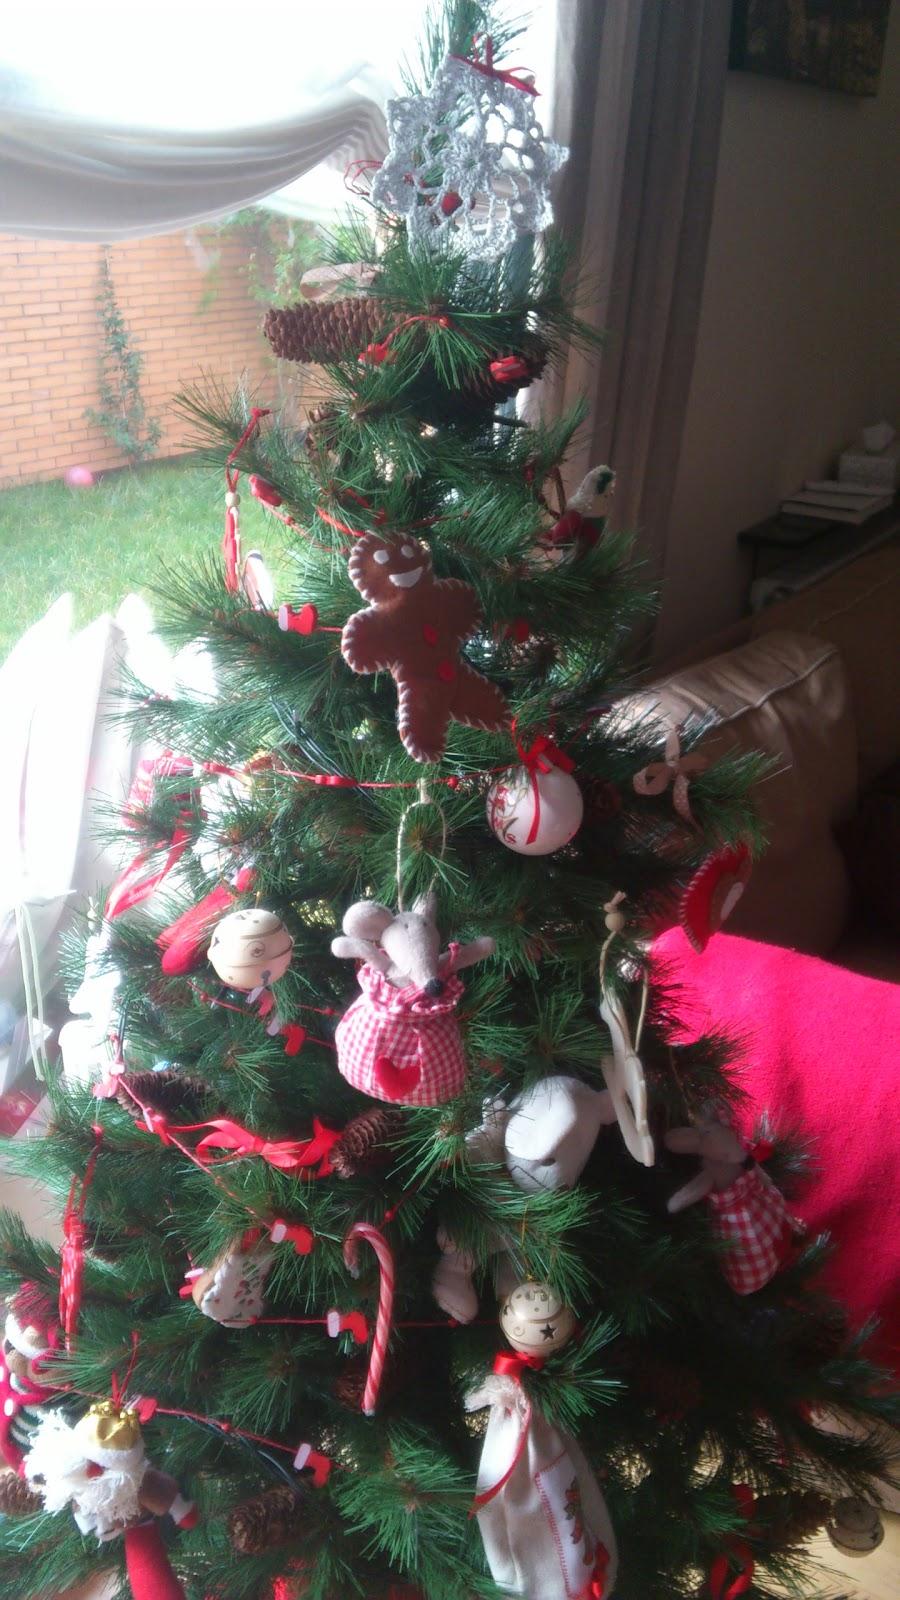 Fiestadecuquis adornos caseros de navidad - Adornos caseros navidad ...